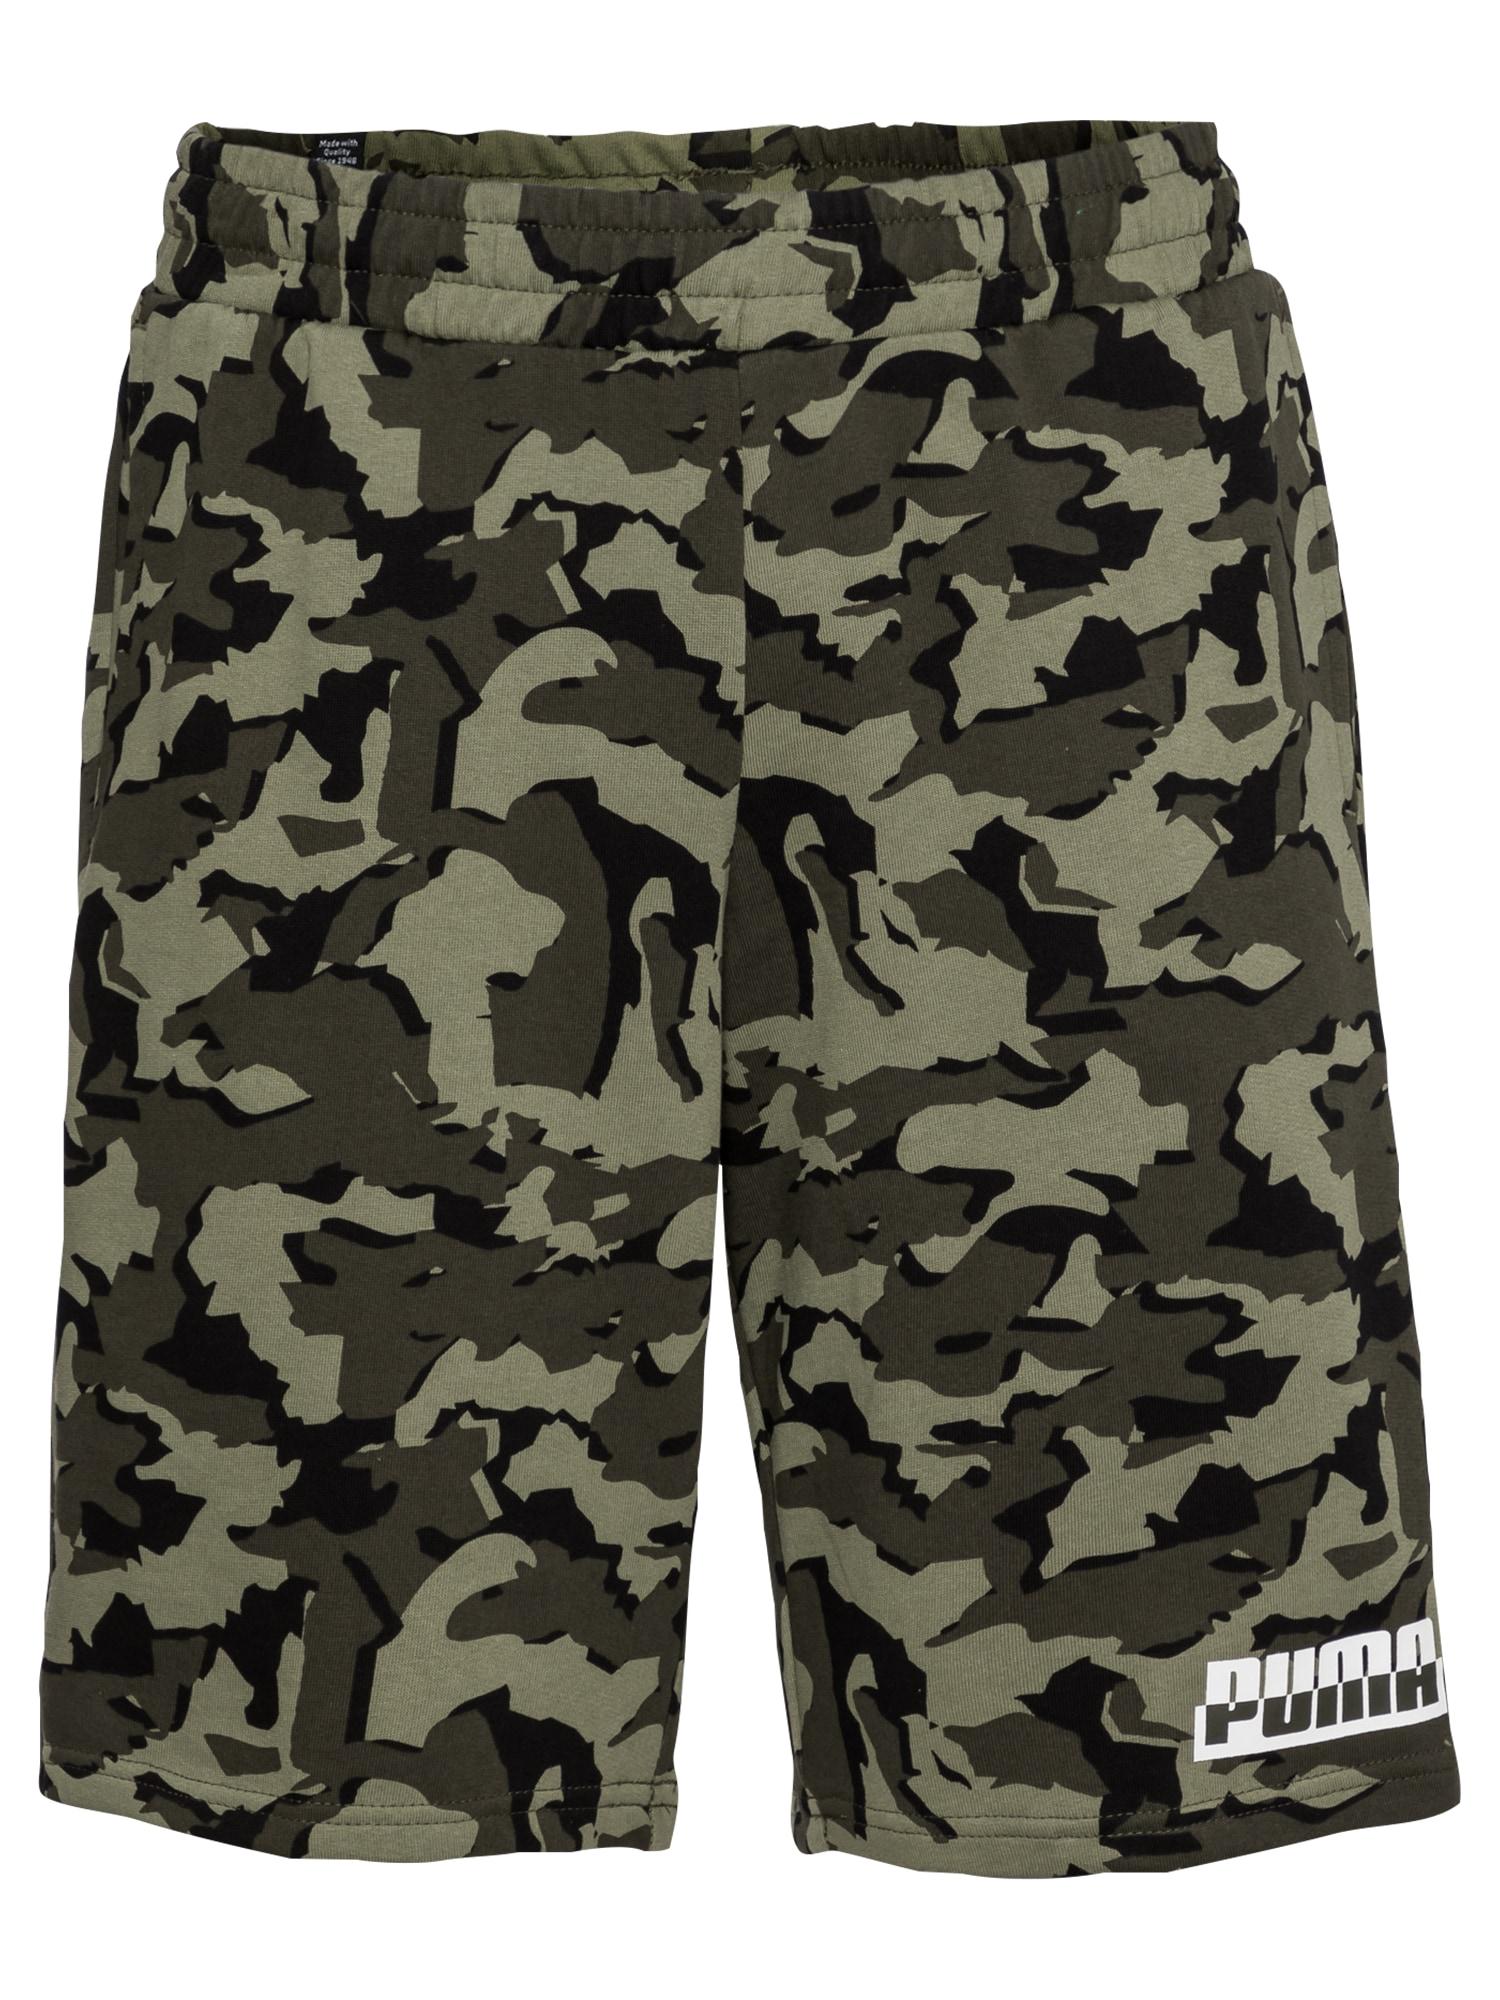 PUMA Sportinės kelnės tamsiai žalia / juoda / balta / šviesiai žalia